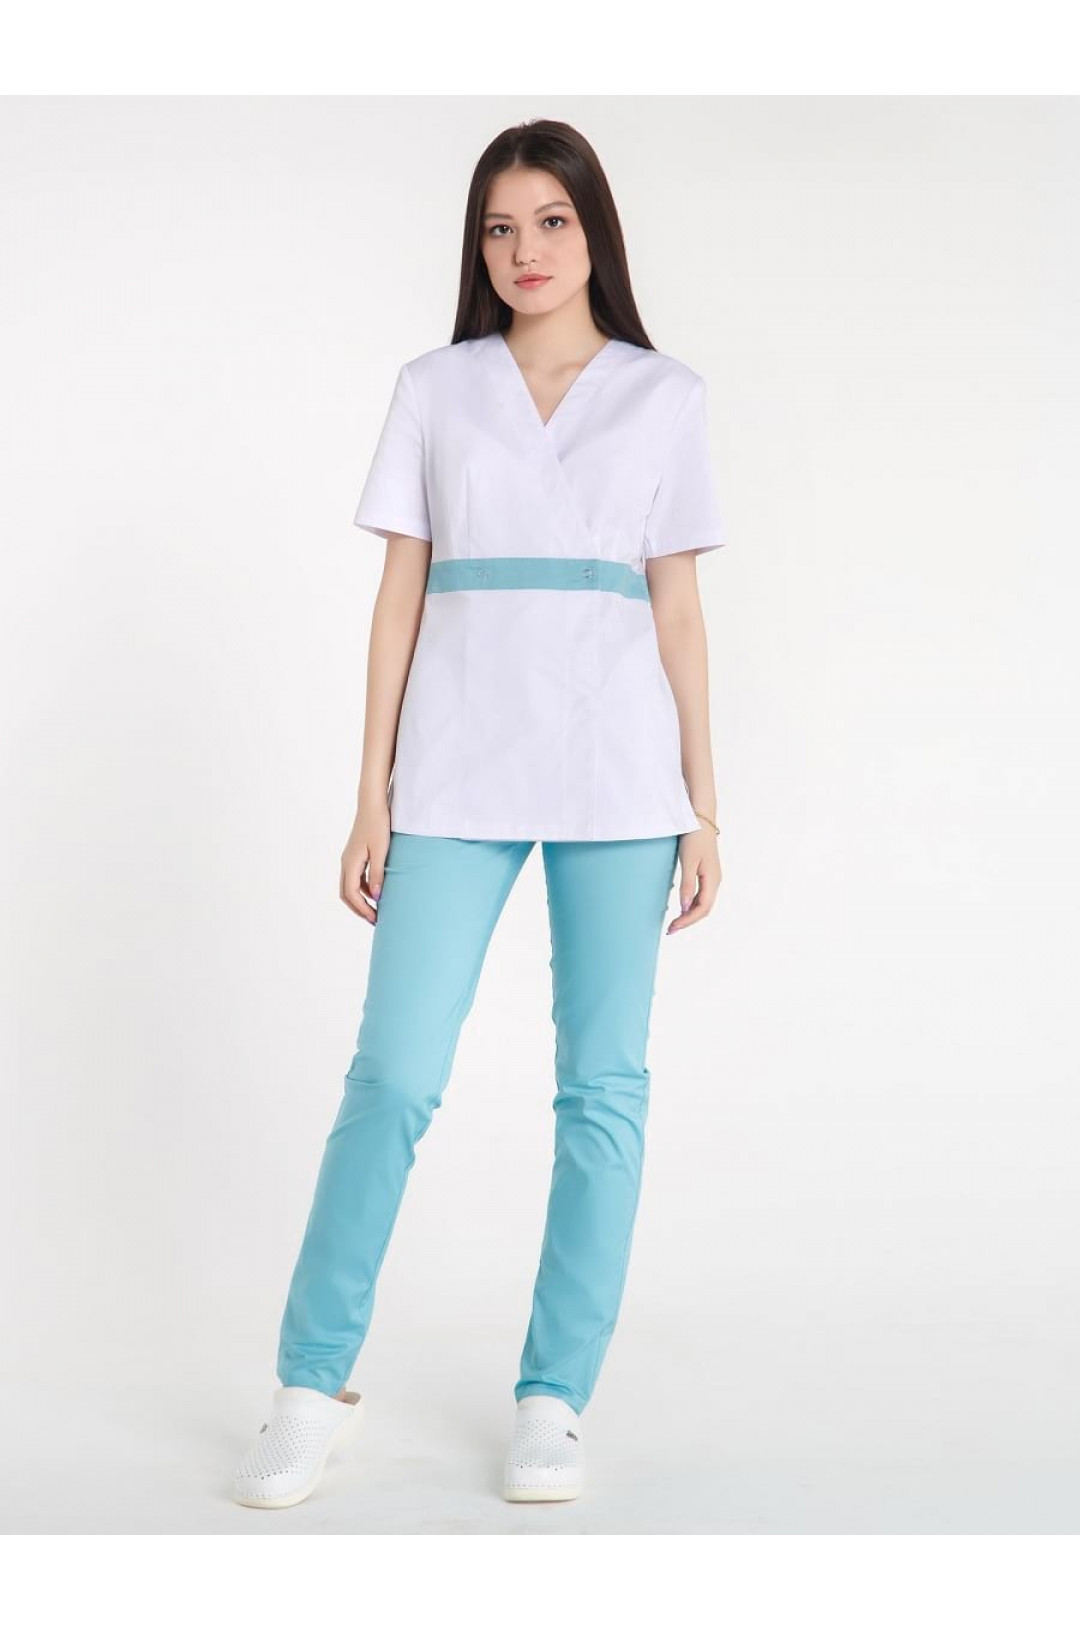 Куртка медицинская женская Z14-11415 (белый, твилл)